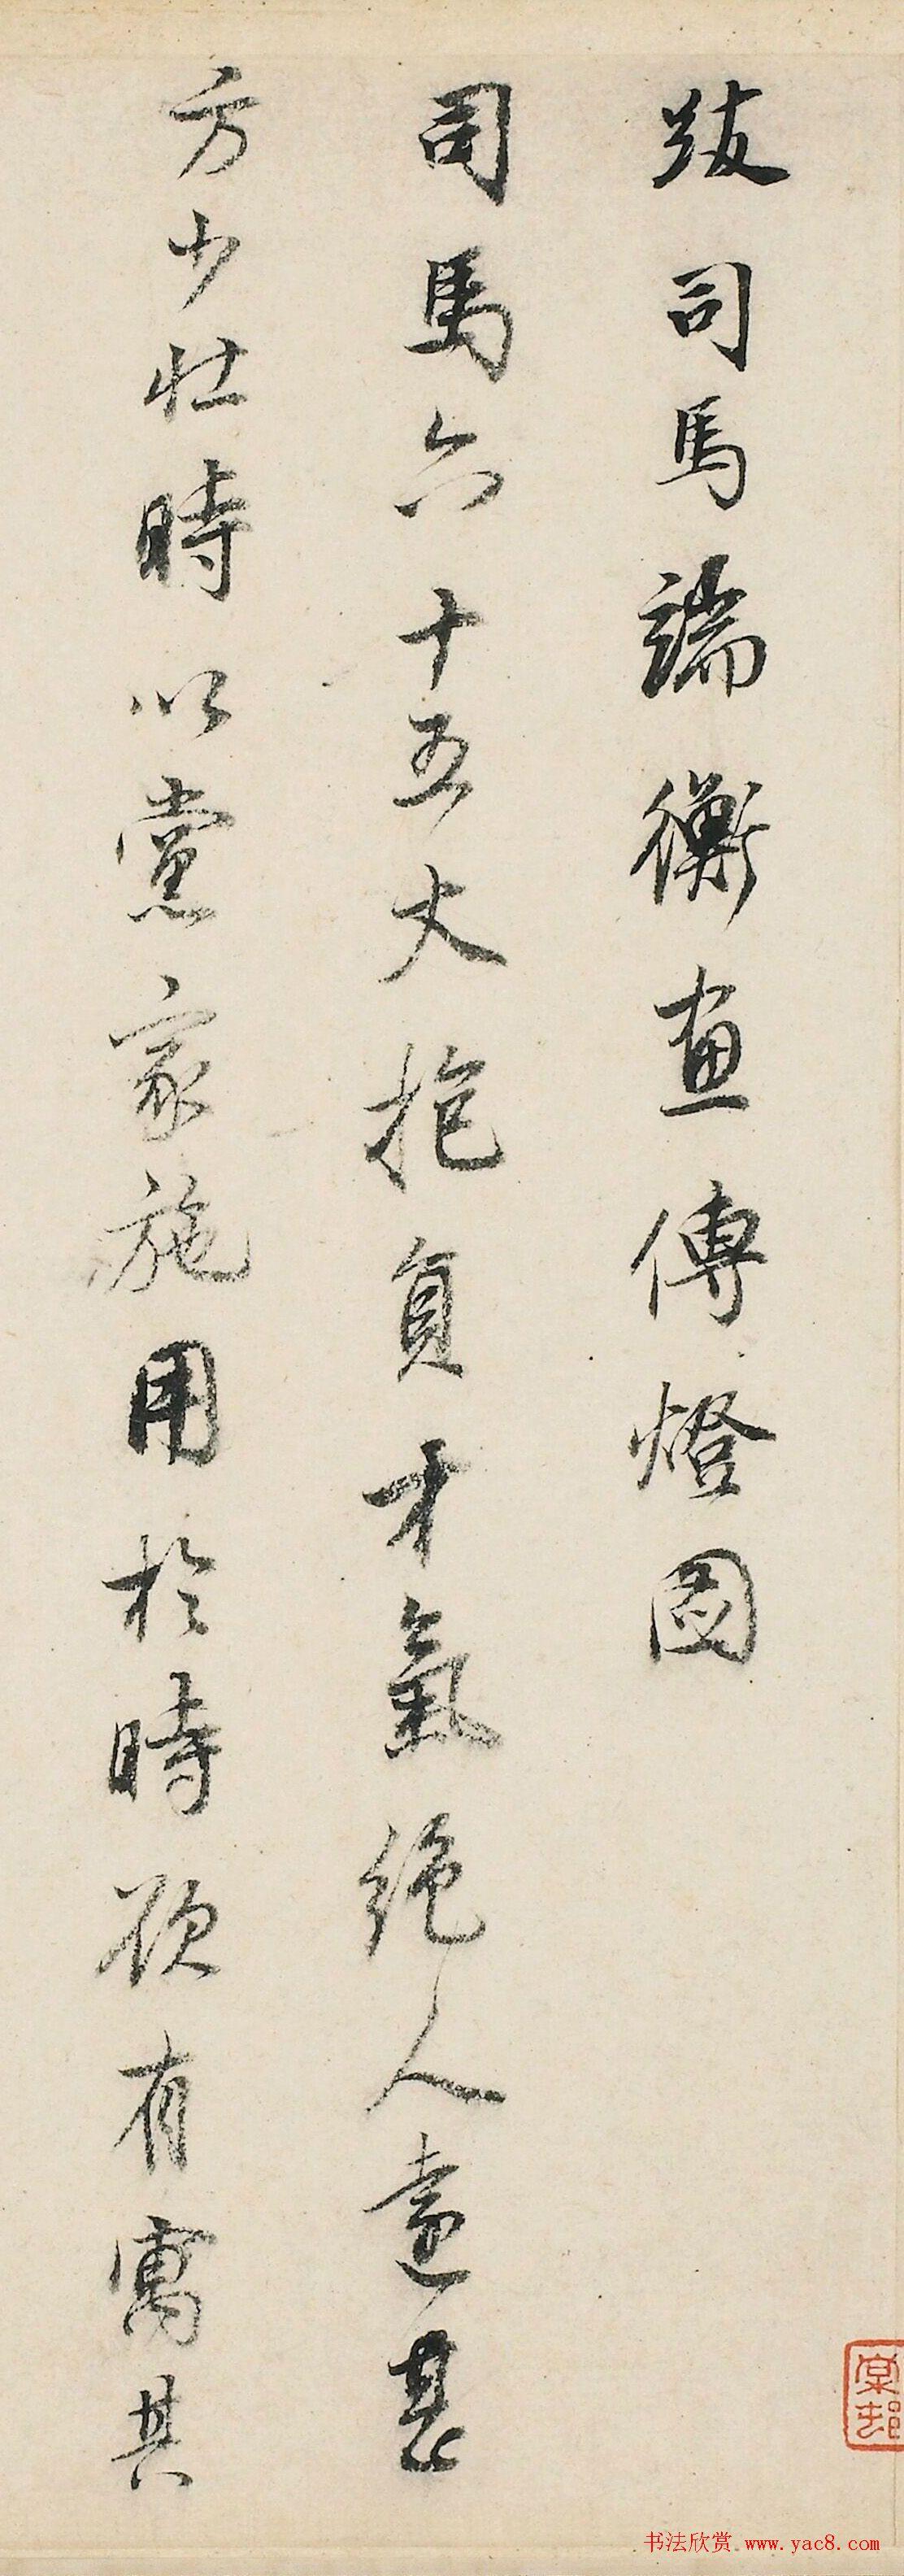 董其昌行书《陆务观渭南集卷跋类》